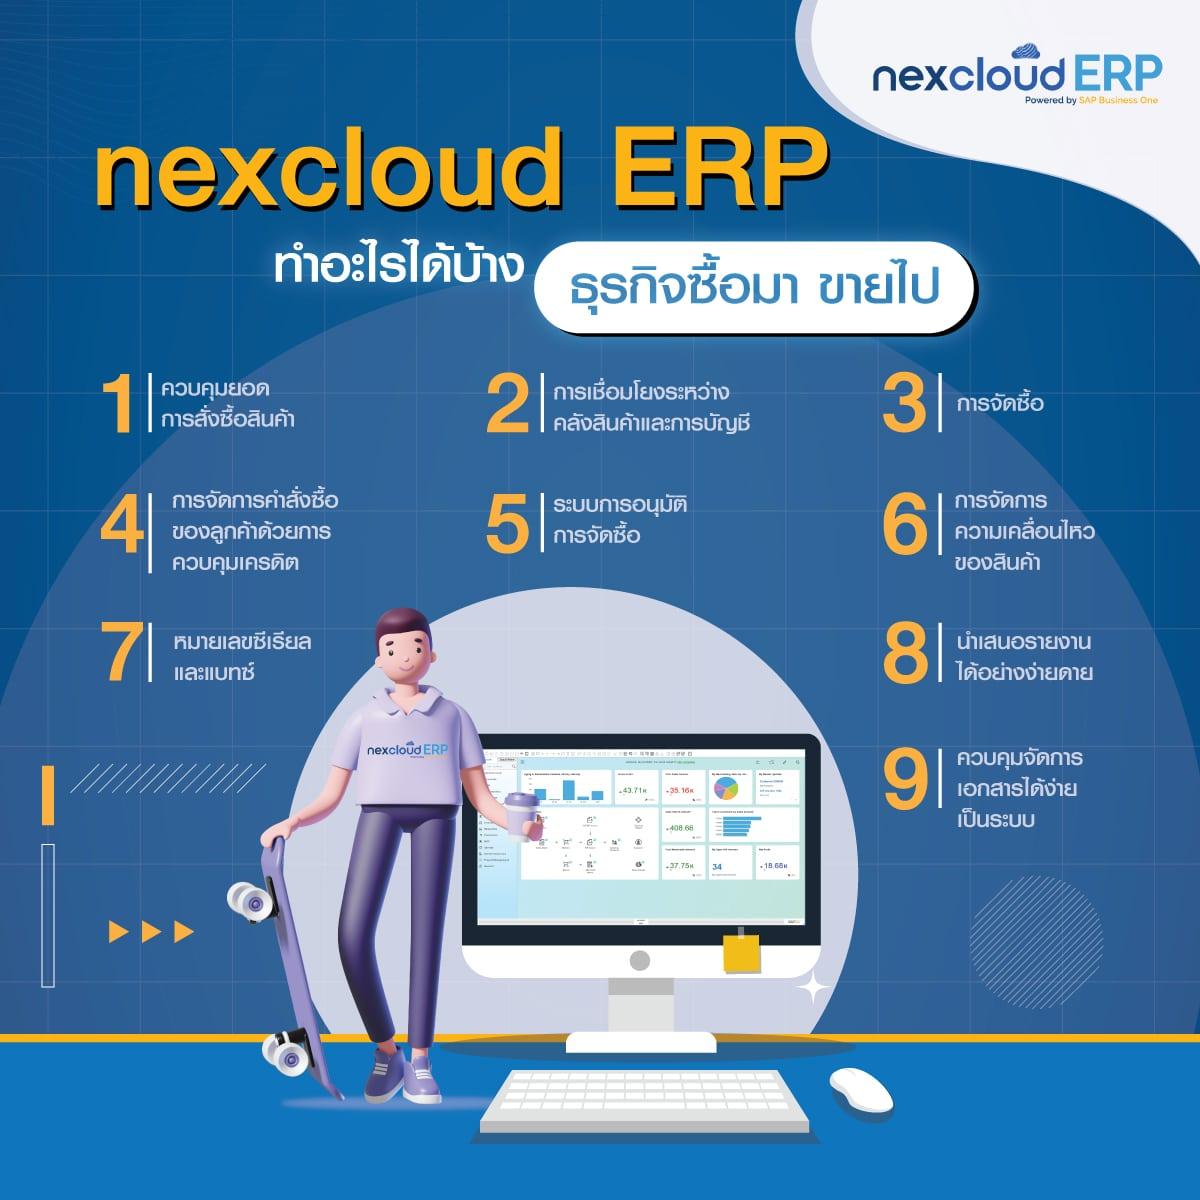 ERP ซื้อมาขายไป ราคาย่อมเยา สำหรับ SMEs ครอบคลุมงาน คลัง จัดซื้อ บัญชี ขาย เหมาะสำหรับธุรกิจไทย